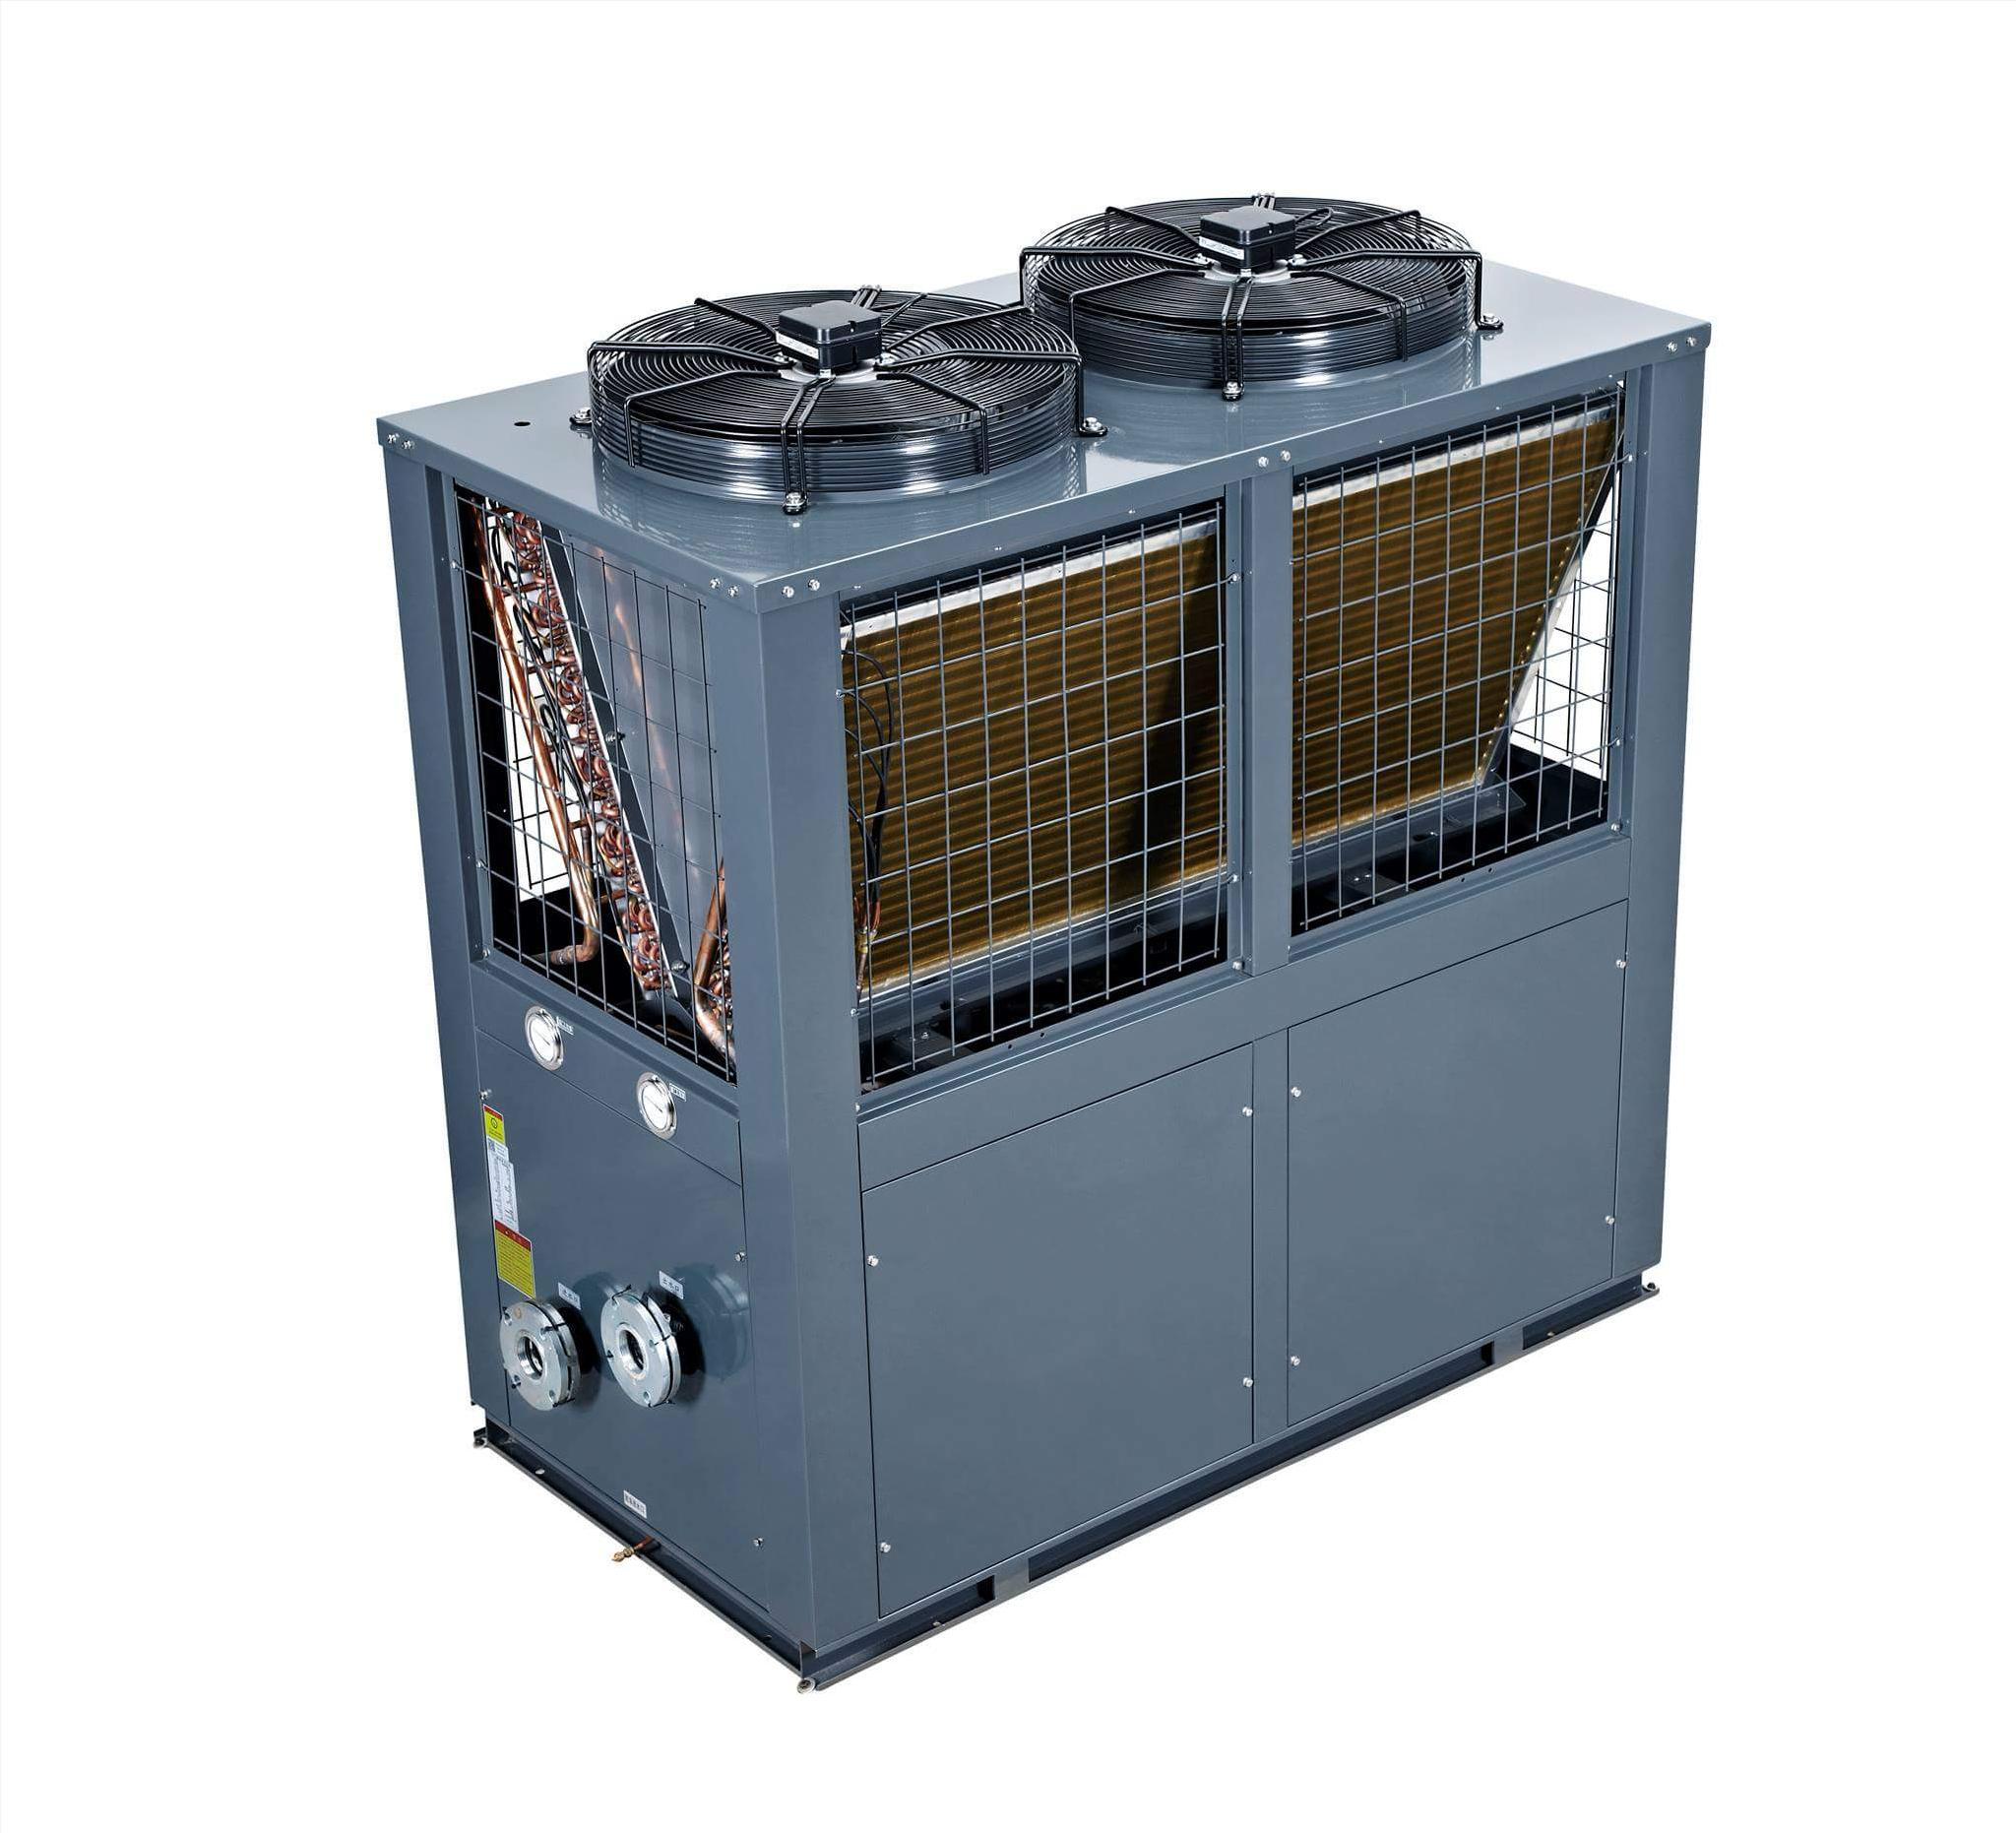 máy nước nóng bơm nhiệt lwh150c